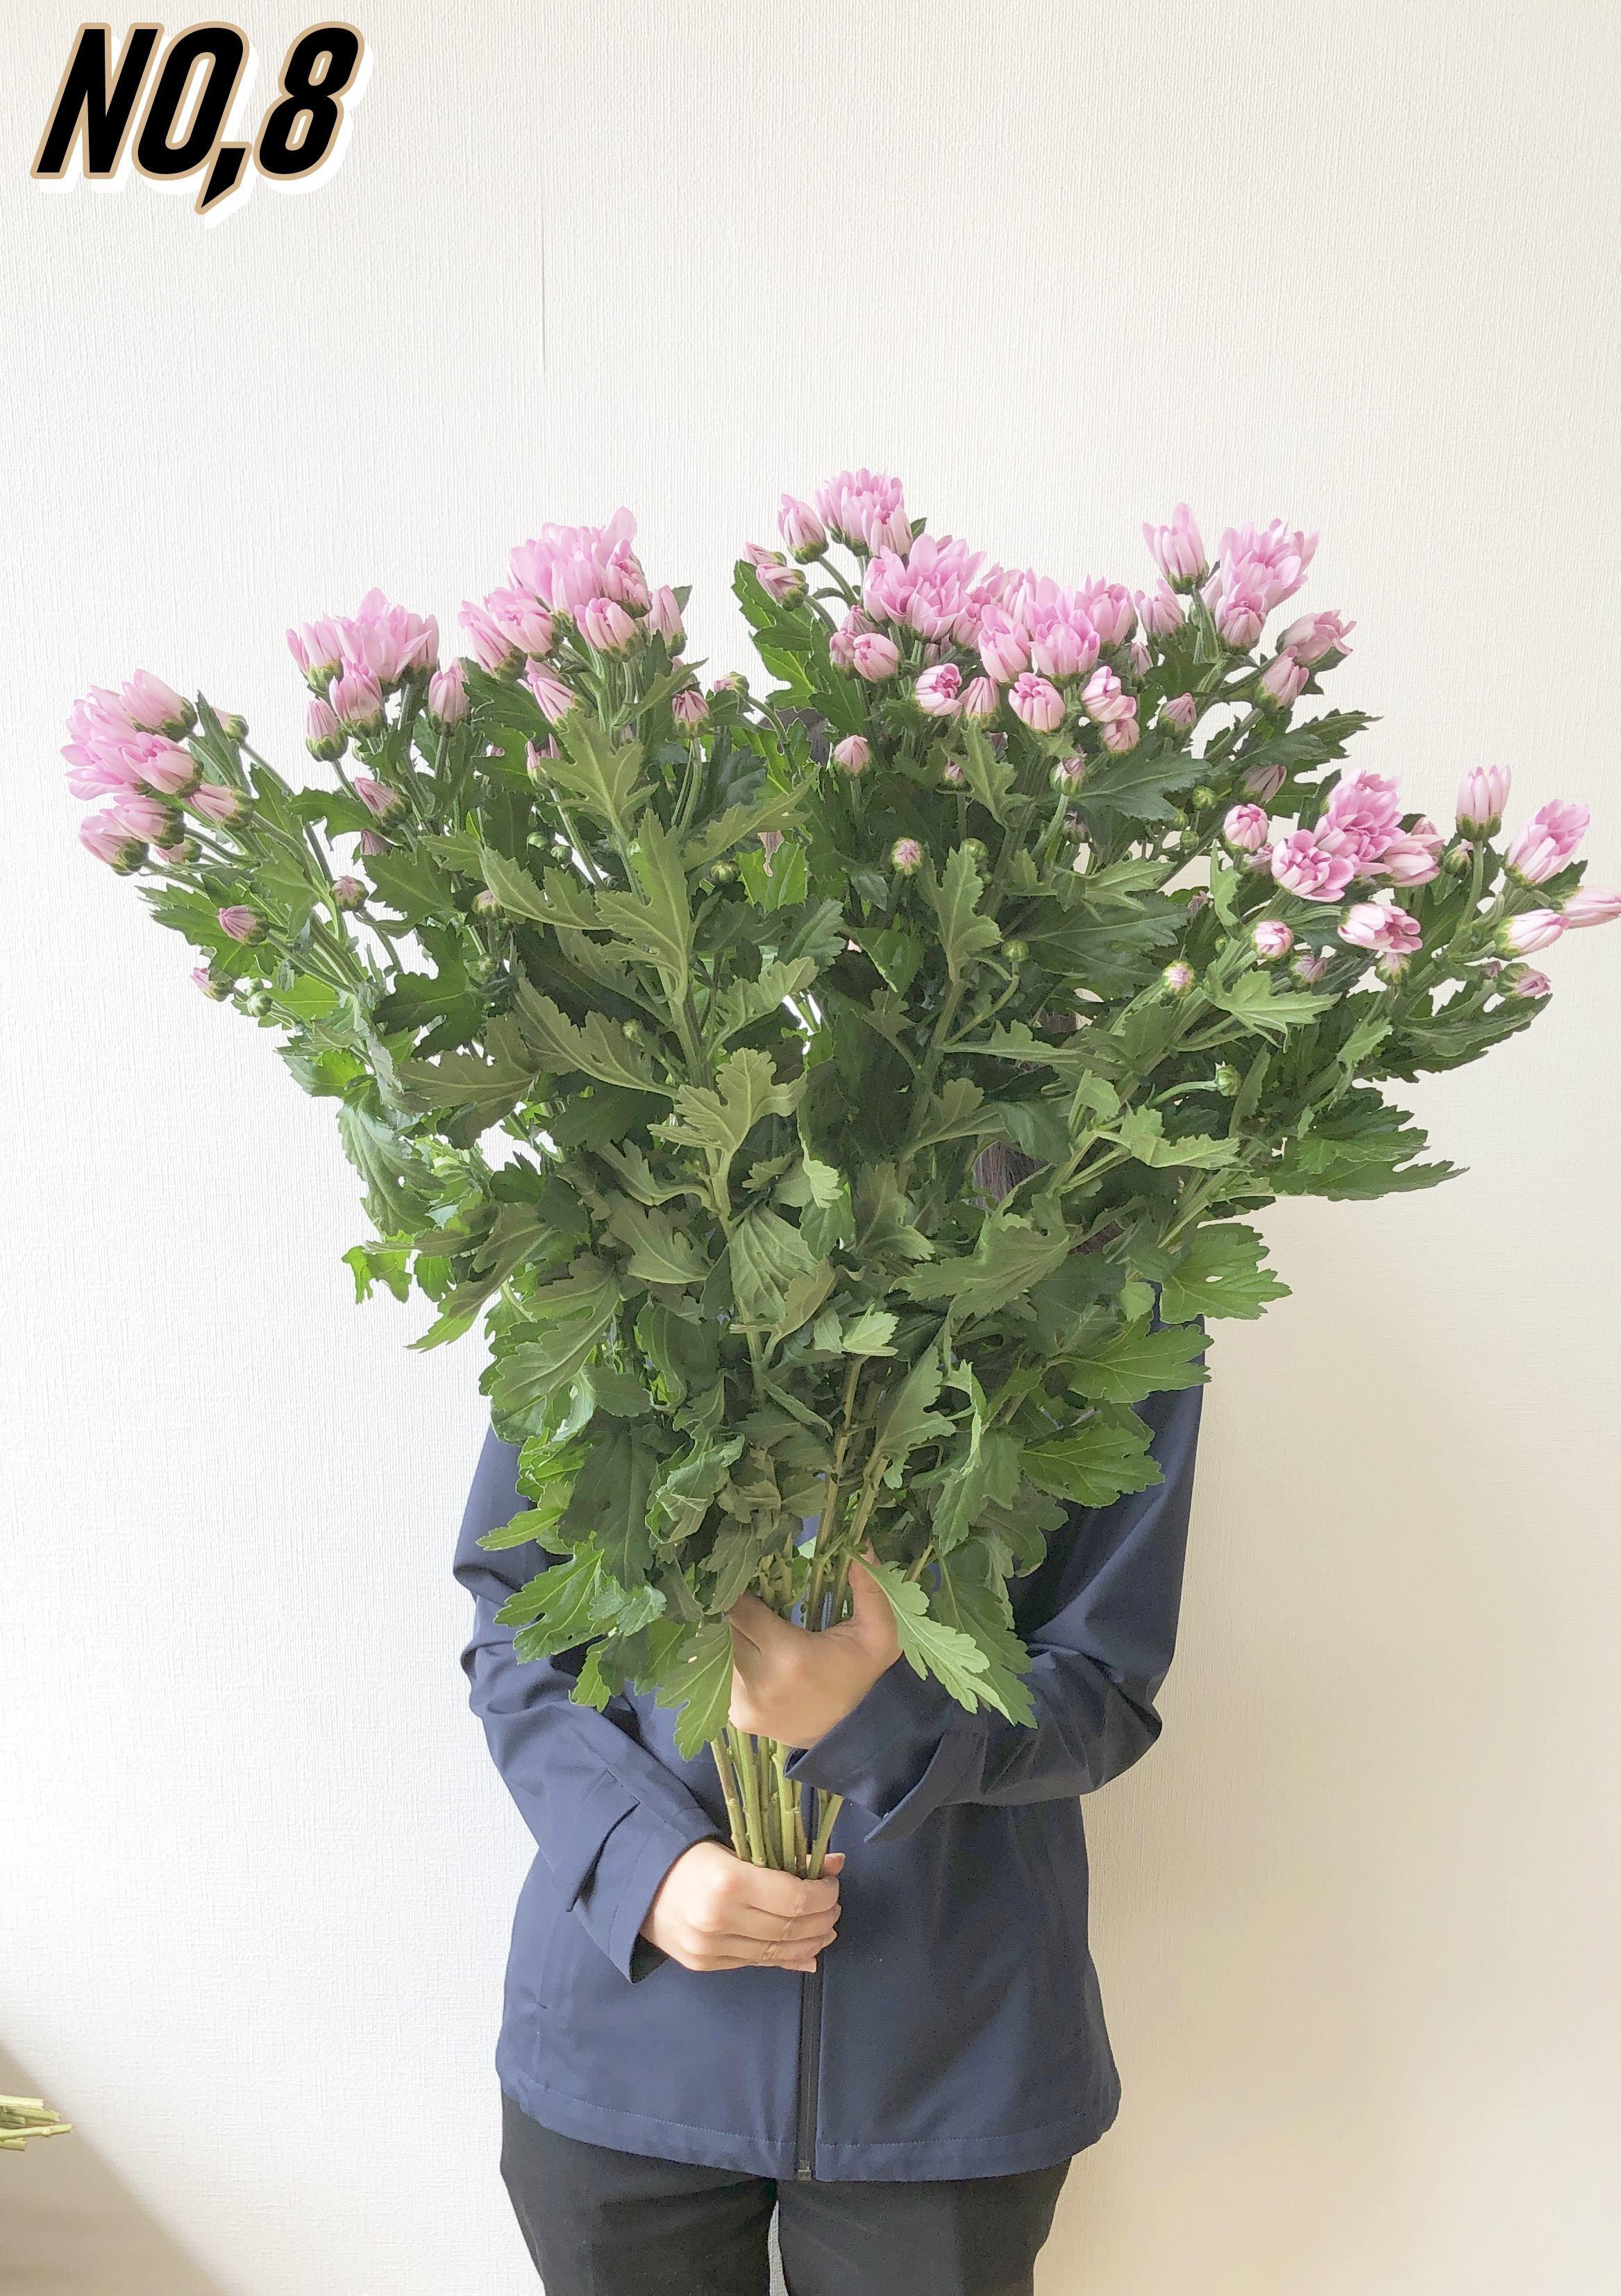 ★送料無料 お墓参りへ行こう!国産お供え花シェアBOX50 №1【ロスフラワー救済!】